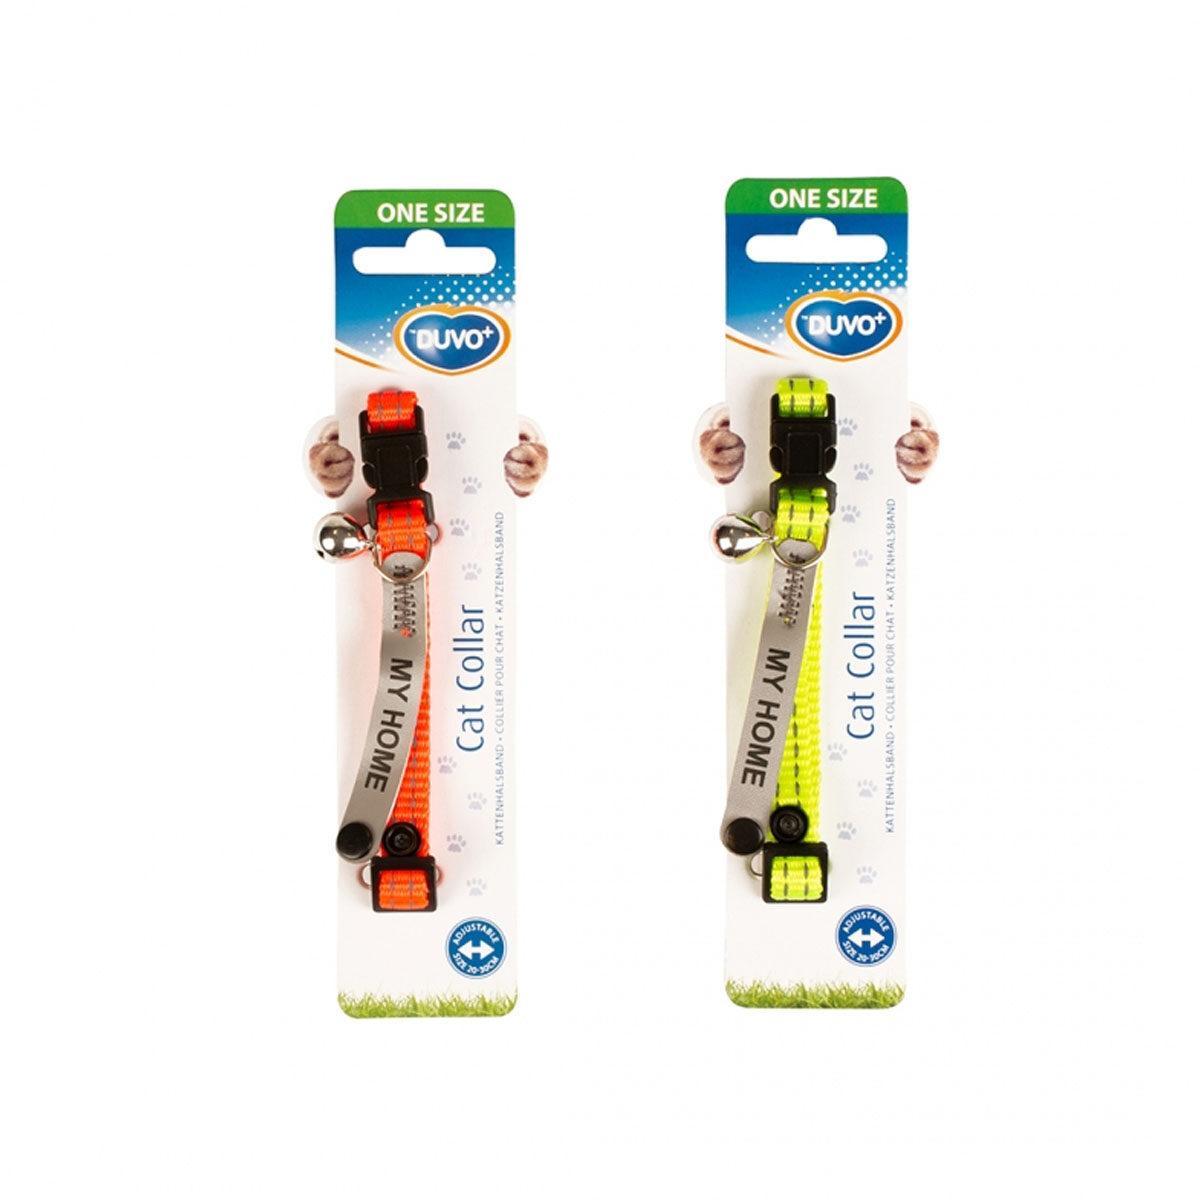 Duvo+ Reflecterende Kattenhalsband Universeel Adres 20-30cm 10mm Oranje-Geel - in Tuigjes & Halsbanden